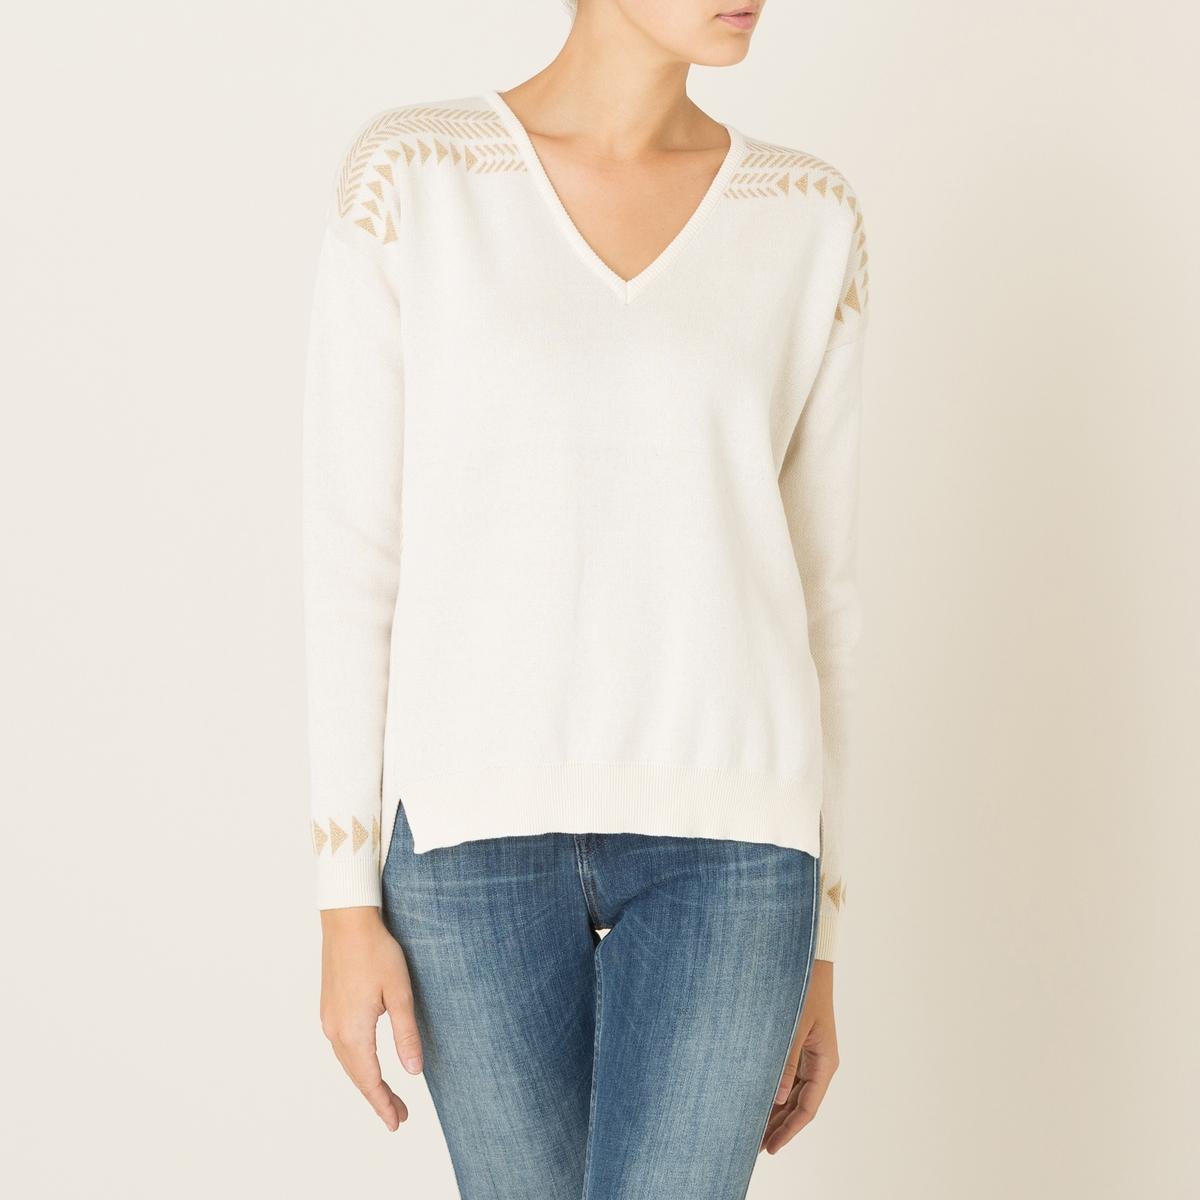 Пуловер MARSHALLПуловер BLUNE - модель MARSHALL, асимметричный пуловер с рисунком золотистого цвета. V-образный вырез с краями в рубчик. Приспущенные плечи, длинные рукава, края рукавов связаны в рубчик. Жаккардовый рисунок золотистого цвета на плечах, по бокам и на манжетах. Асимметричный низ, сзади немного длиннее, разрезы по бокам. Состав и описание Материал : трикотаж радужной расцветки 100% хлопокМарка : BLUNE<br><br>Цвет: экрю